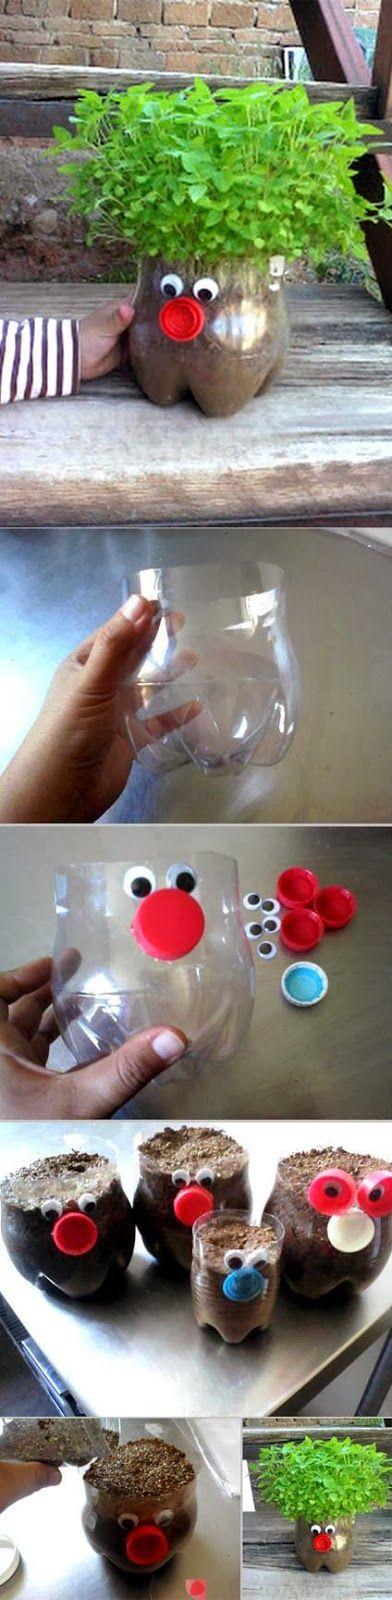 30 Maneiras geniais de reutilizar garrafas de plástico! Úteis e super criativas…